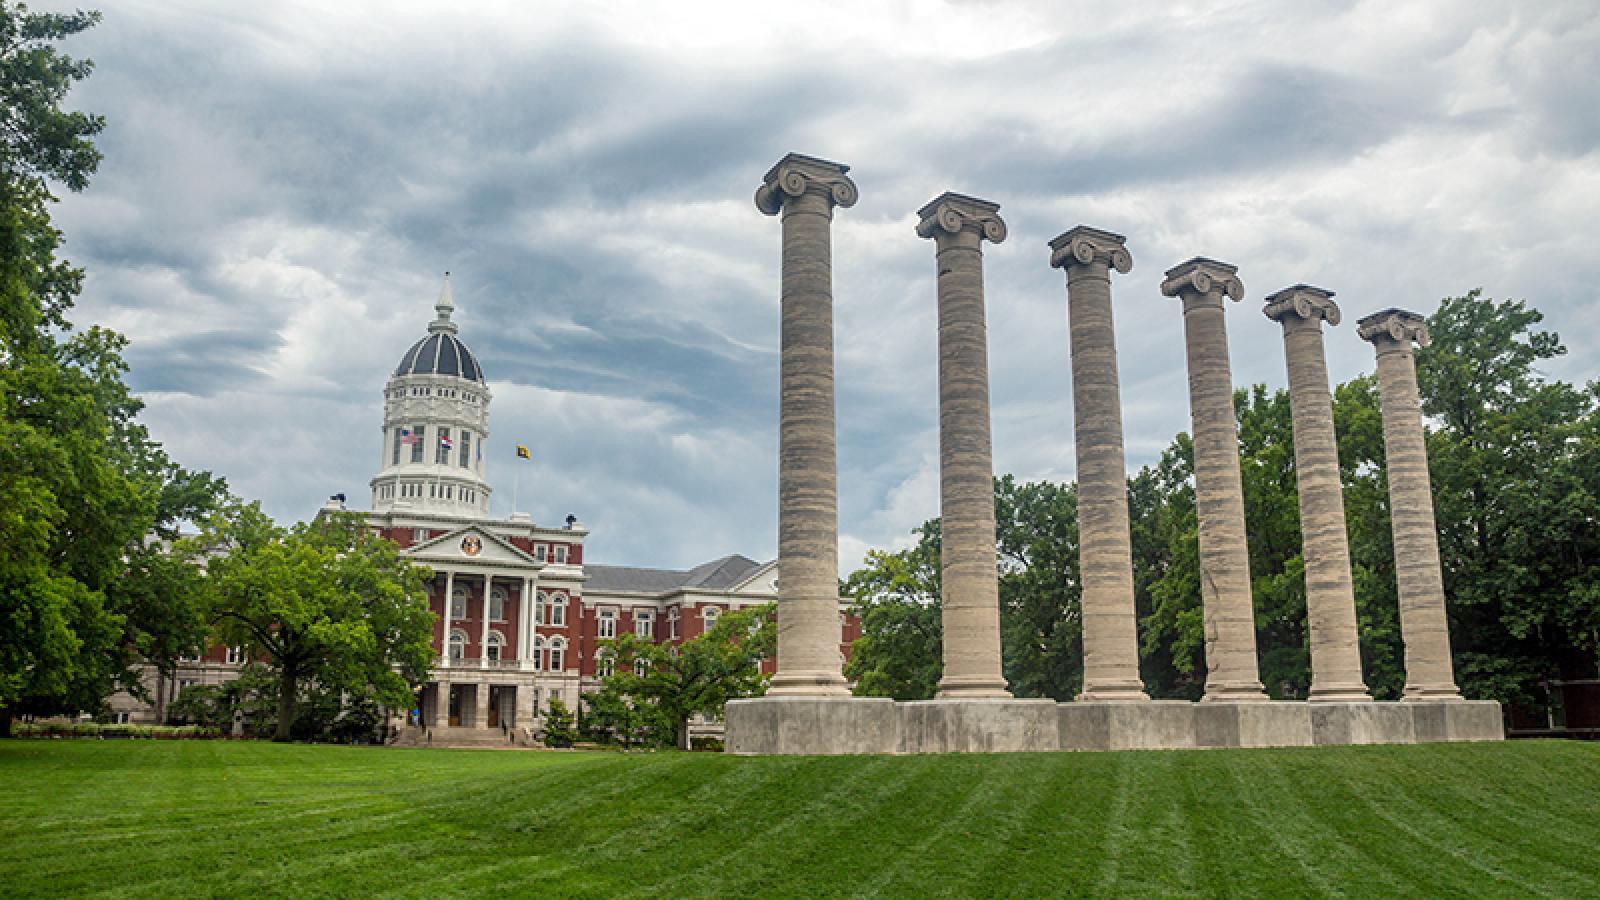 Jesse Hall and MU Columns